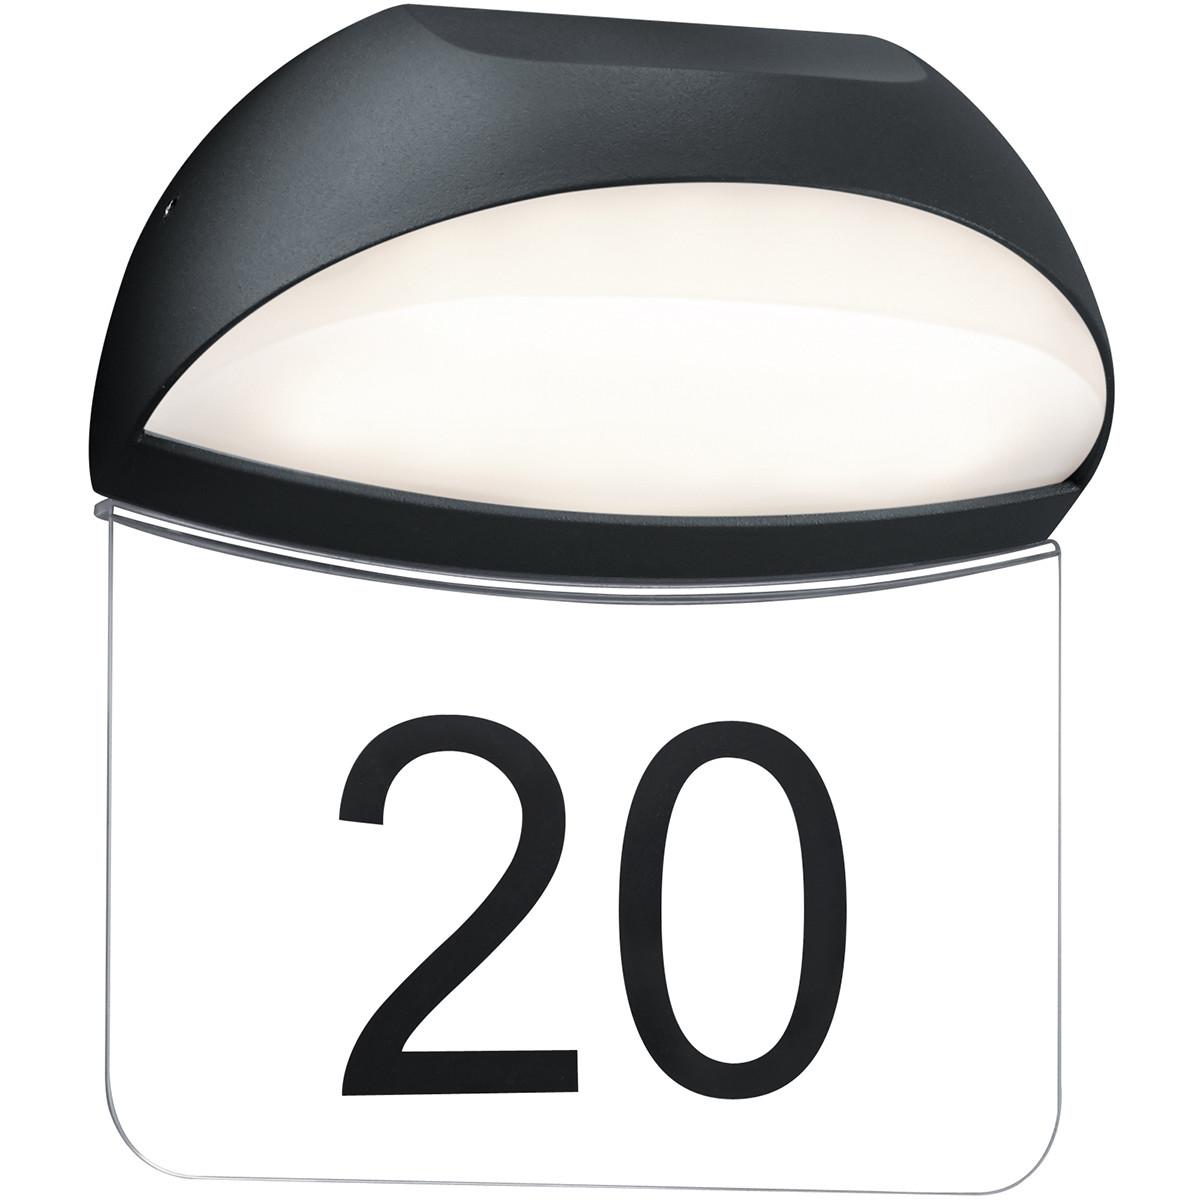 Huisnummer Verlichting - Trion Magona - 5W - Warm Wit 3000K - Mat Zwart - Aluminium